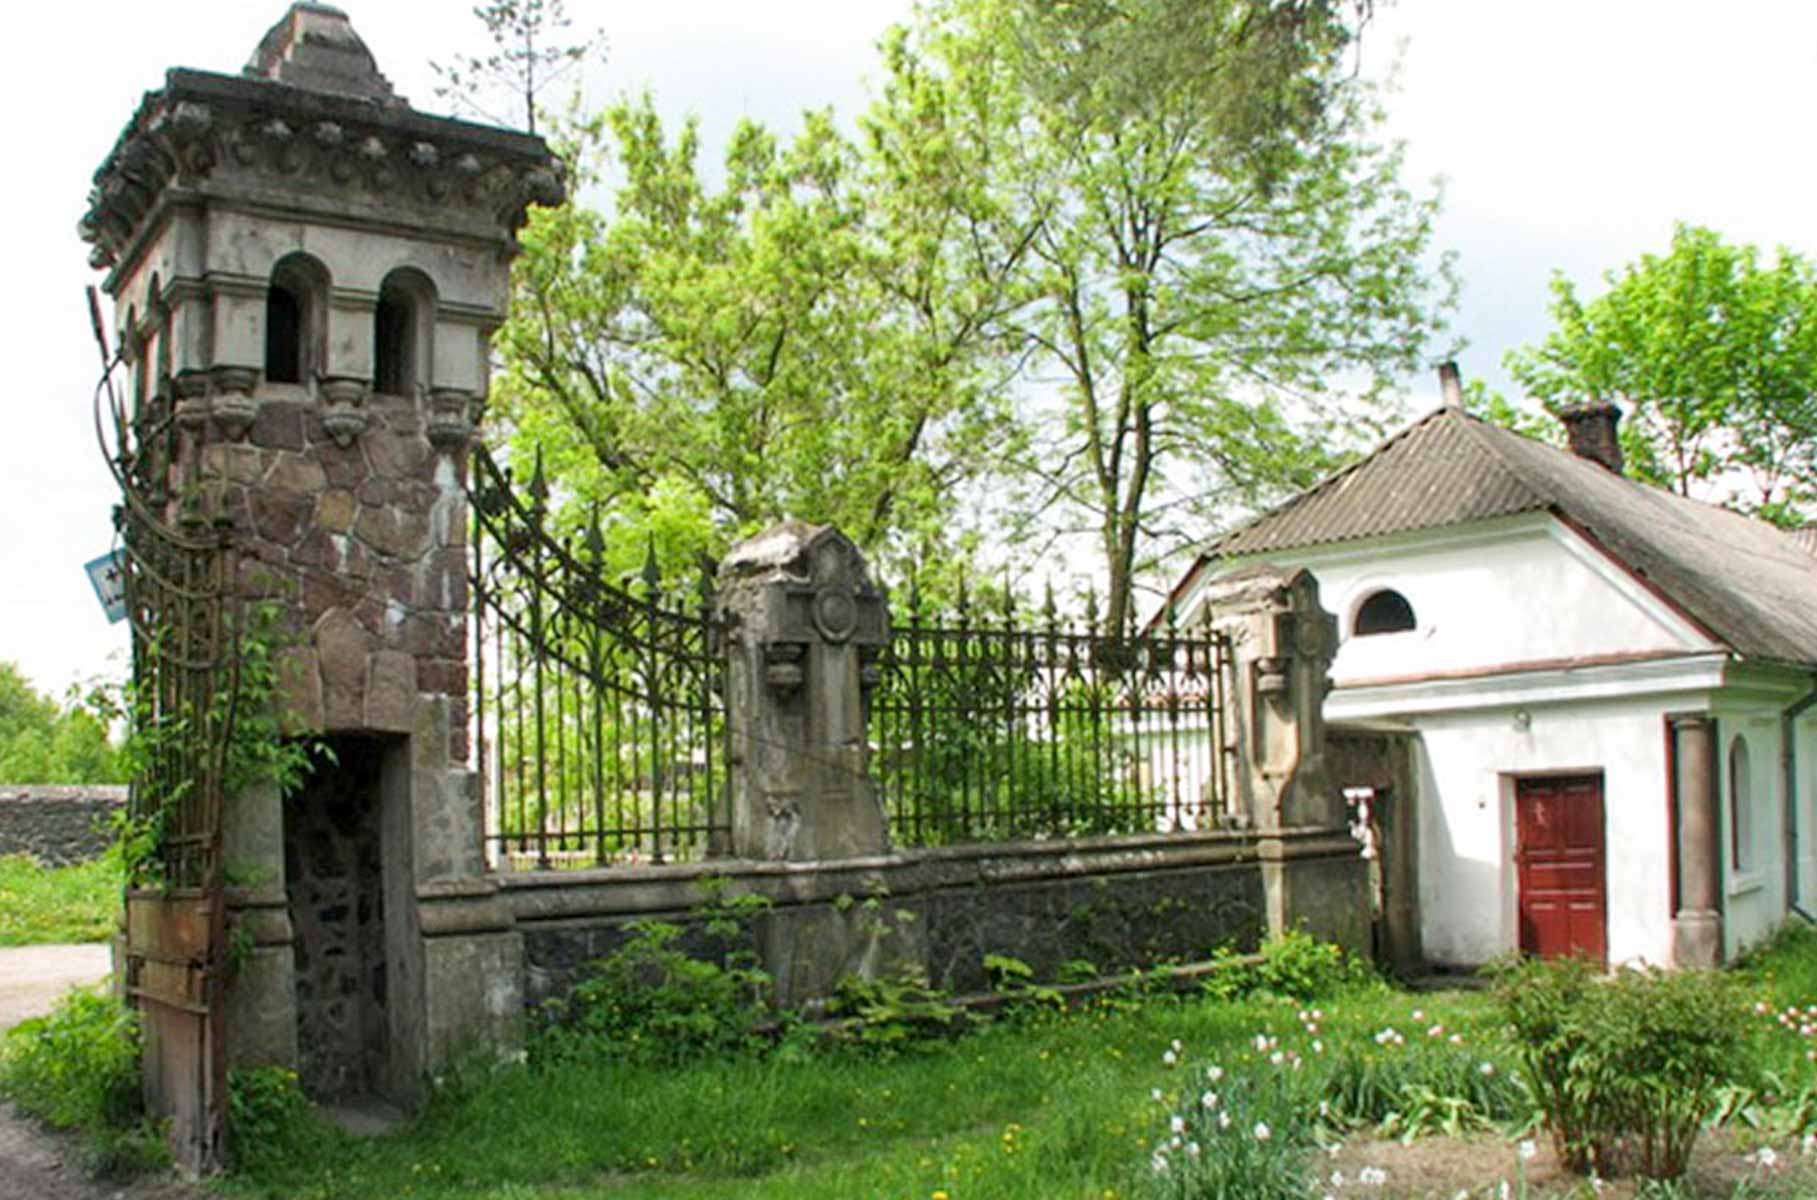 Z prawej - dom parafialny / budynek organisty, zwrócony 30 czerwca wspólnocie rzymskokatolickiej